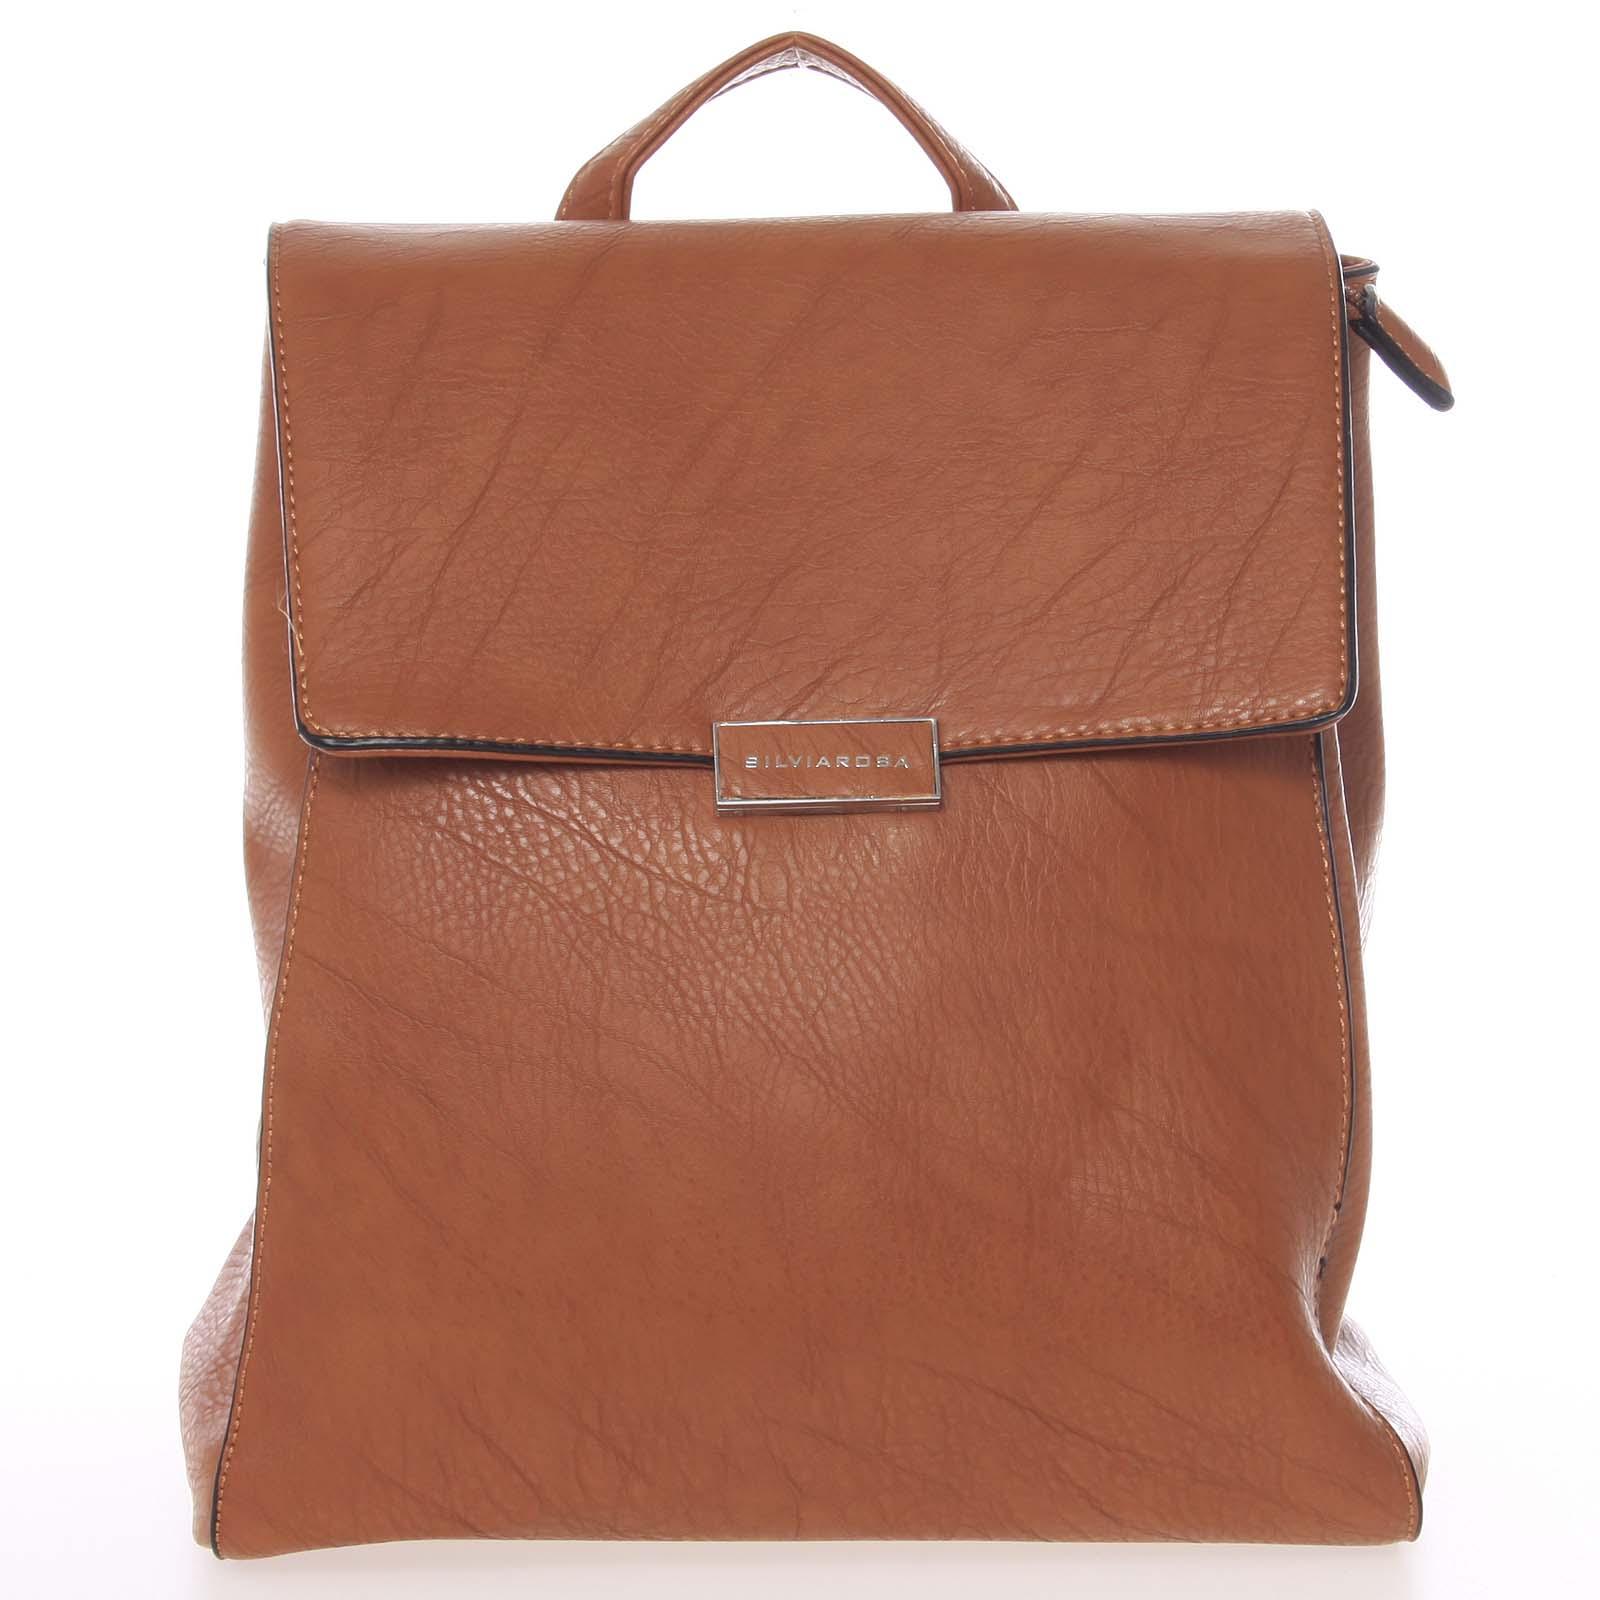 Trendy dámský městský batůžek hnědý - Silvia Rosa Cailyn